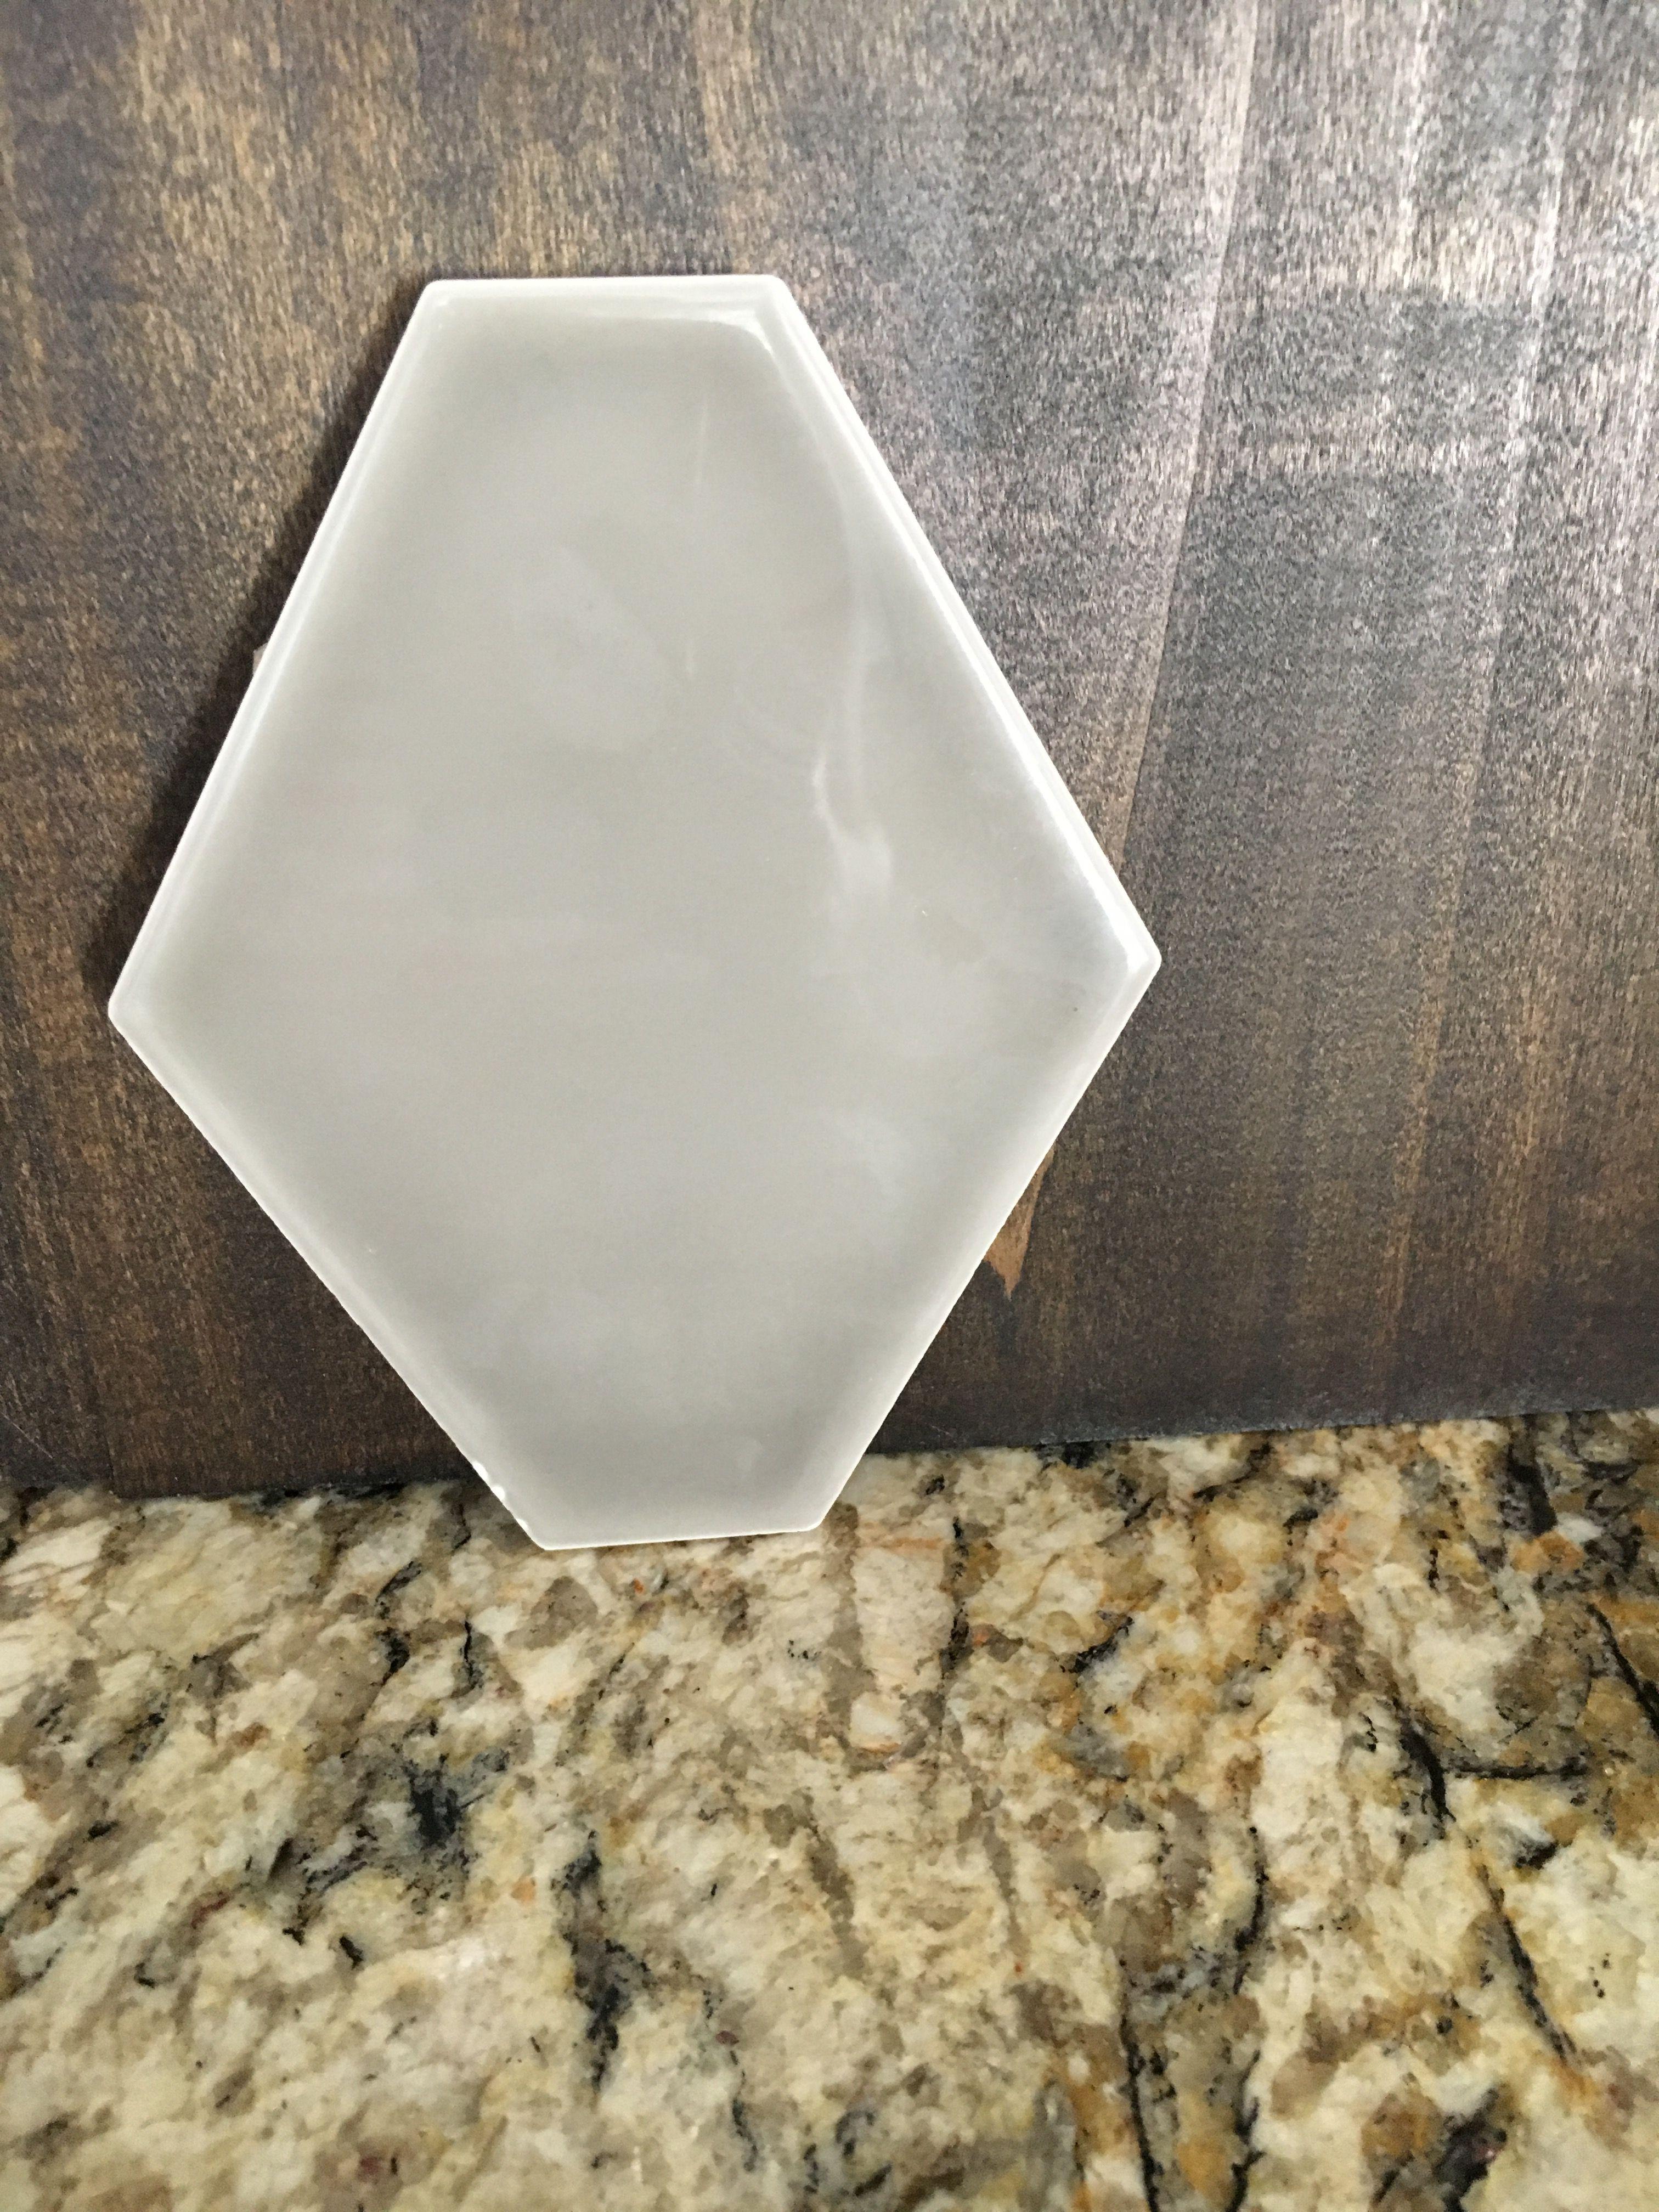 Exposition Salle De Bain Yverdon ~ backsplash tile arizona tile jumbo hex pearl backsplash